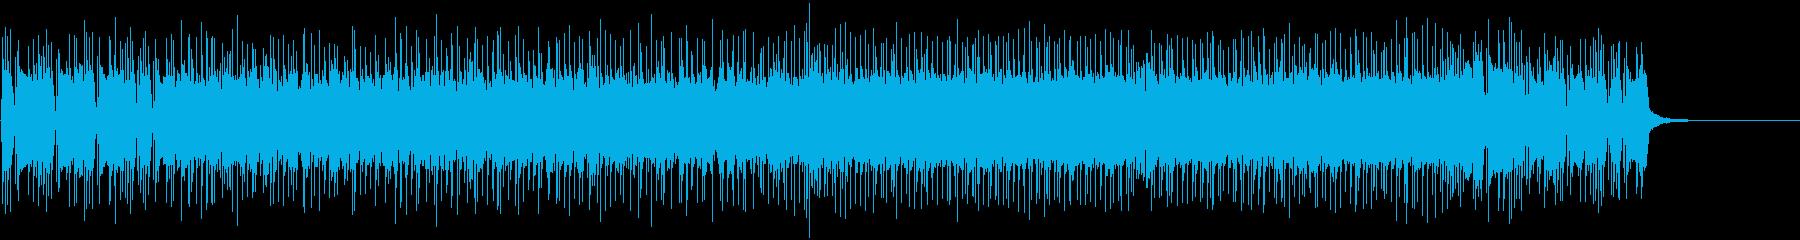 熱いギターロックBGM7_Hの再生済みの波形